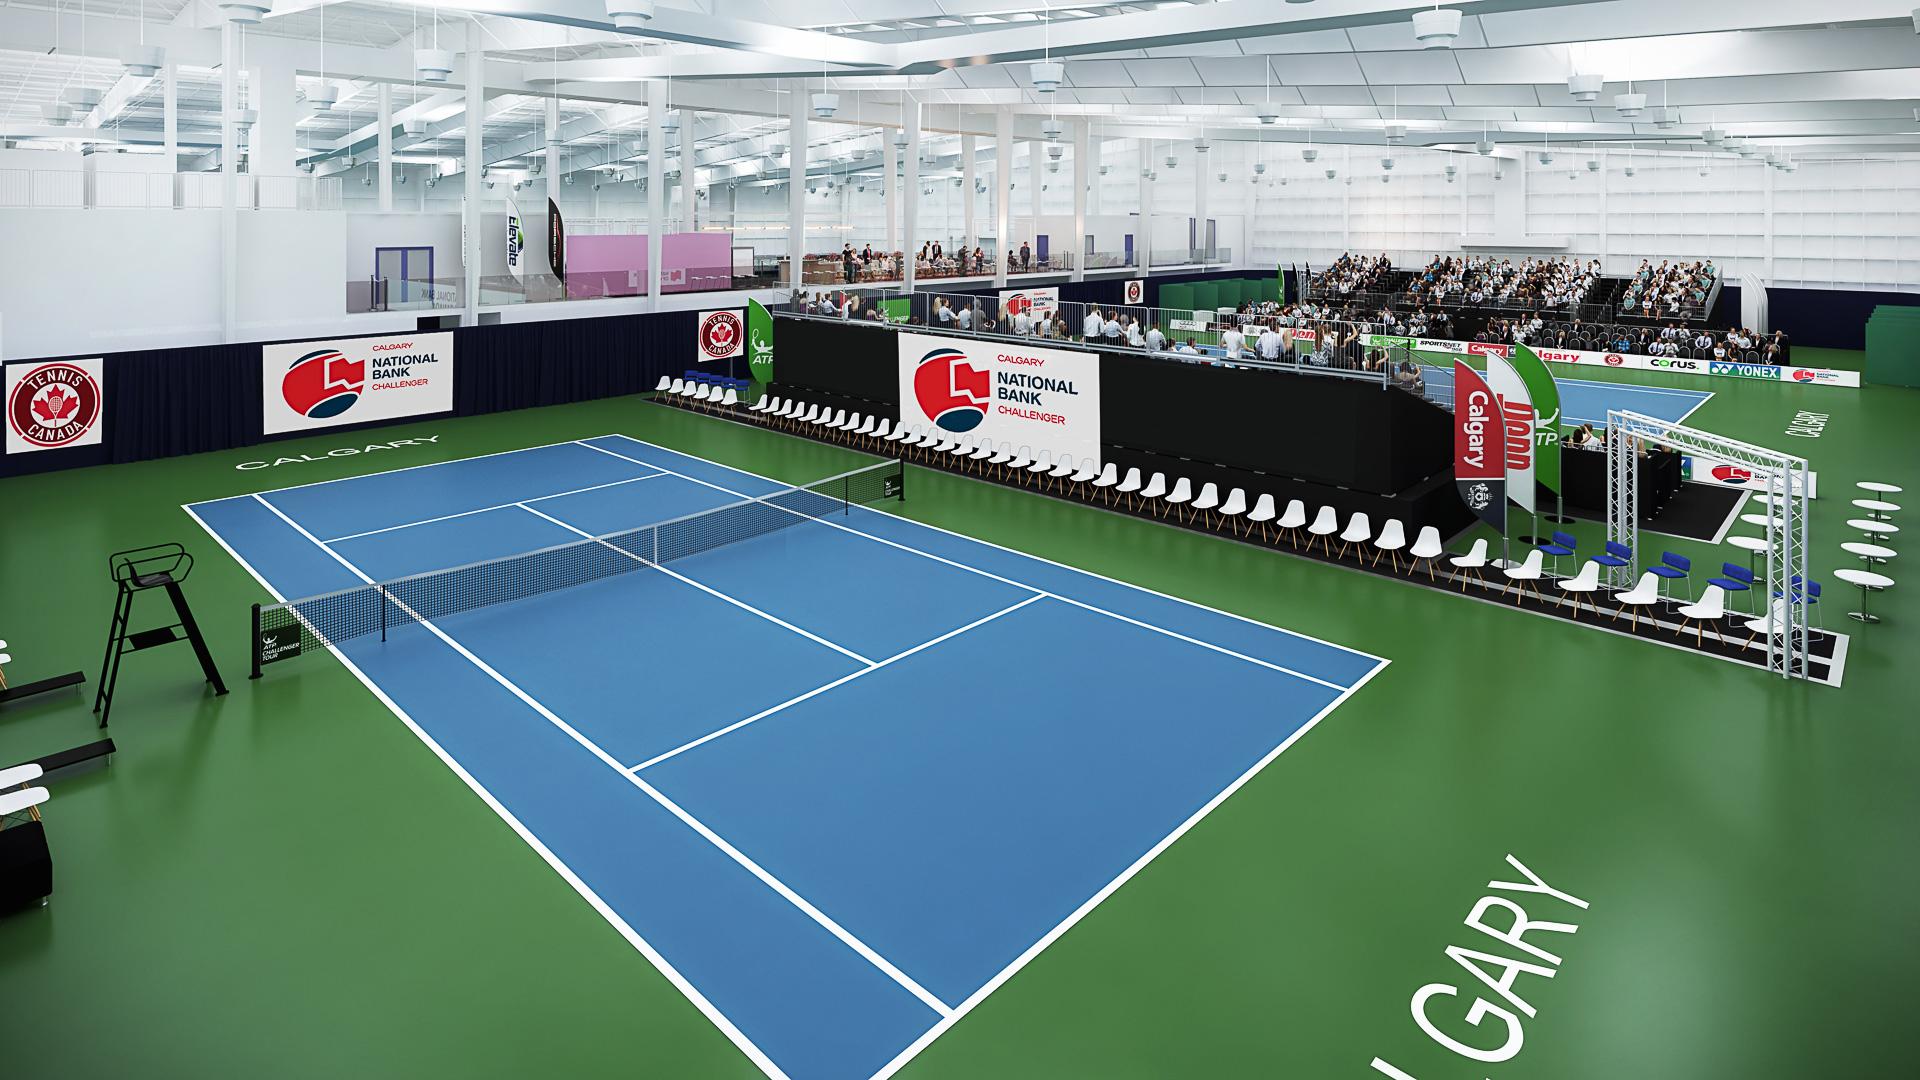 Alberta-Tennis-Centre-Renderings-02.jpg